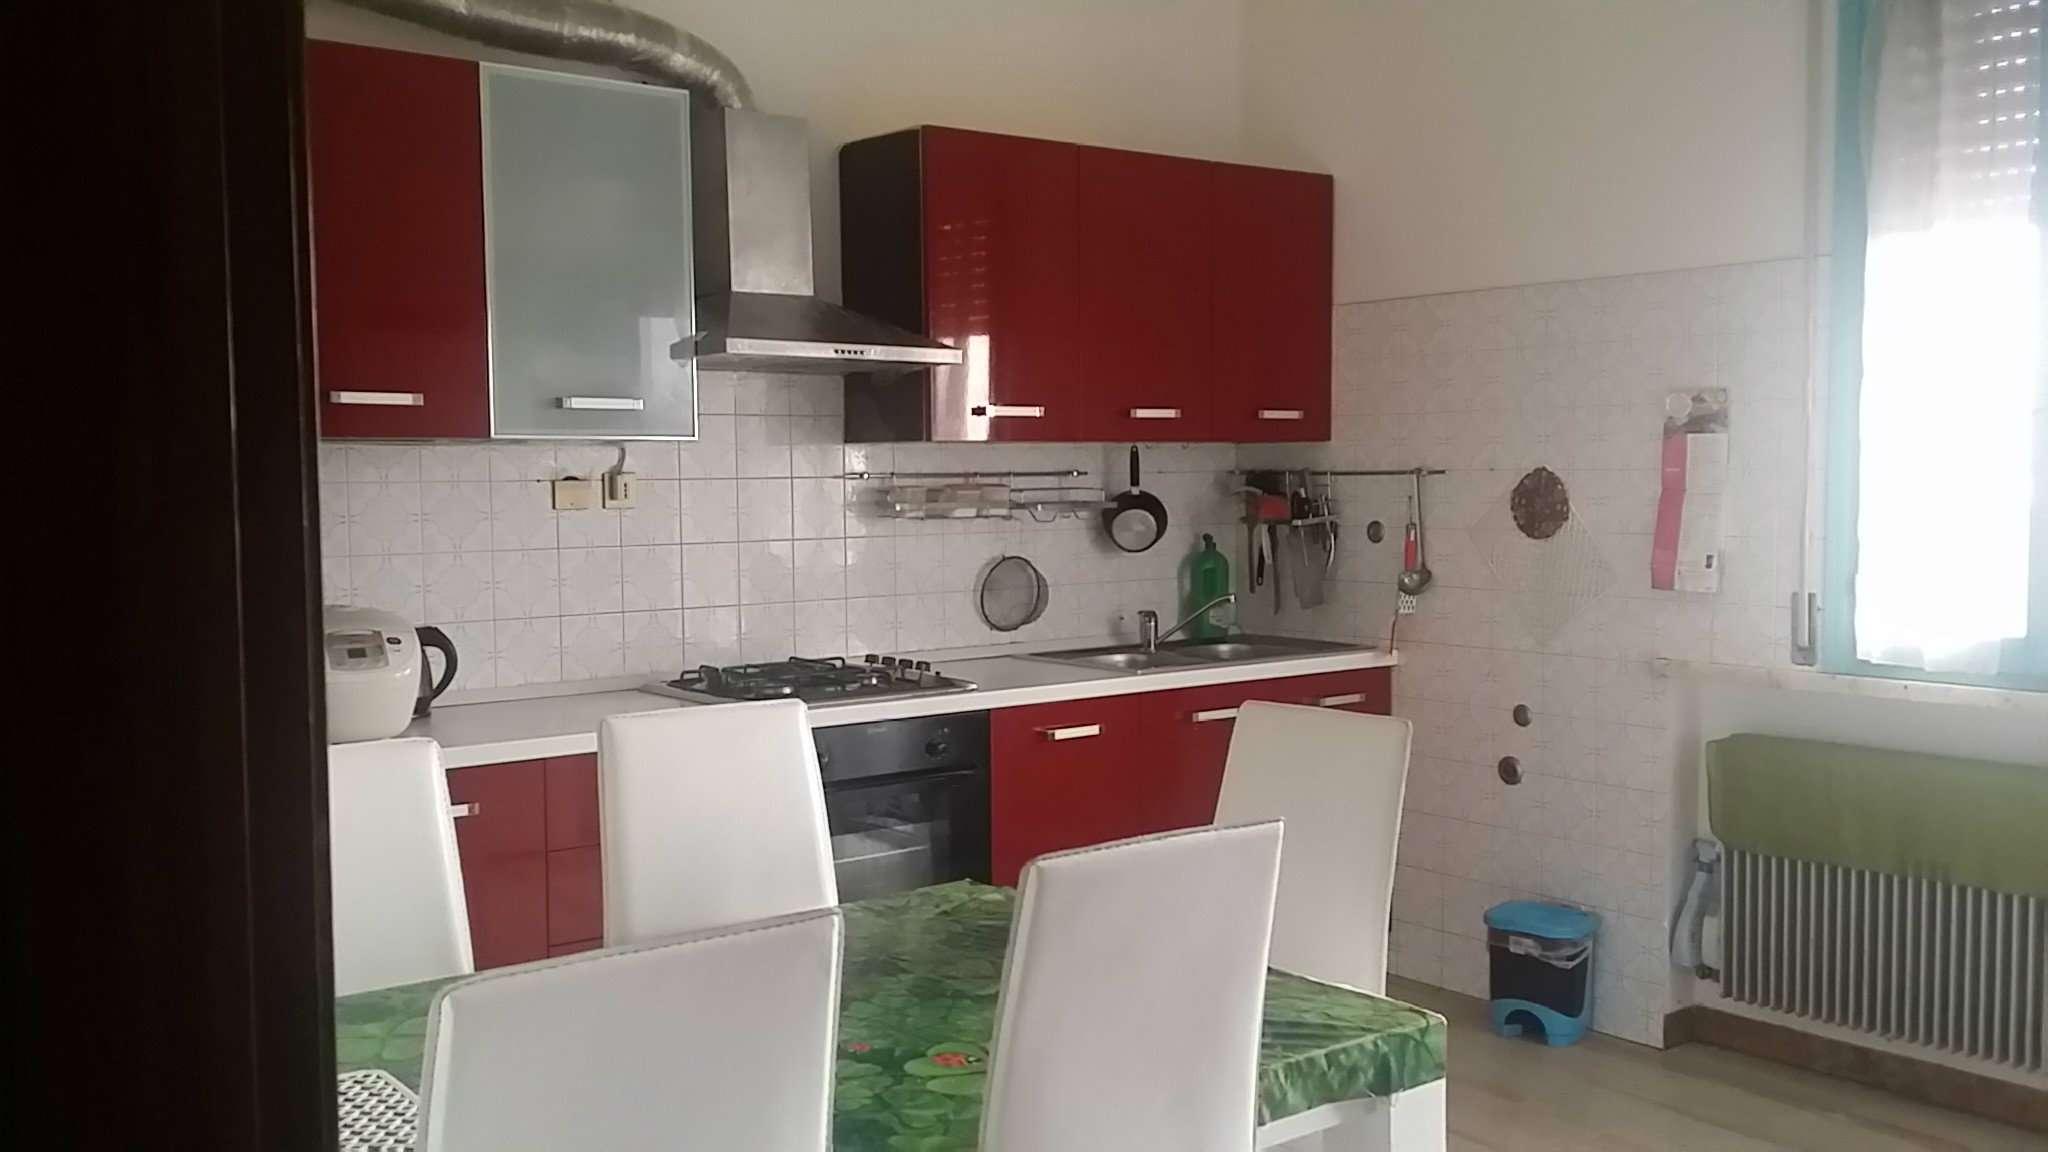 Appartamento quadrilocale in vendita a Oderzo (TV)